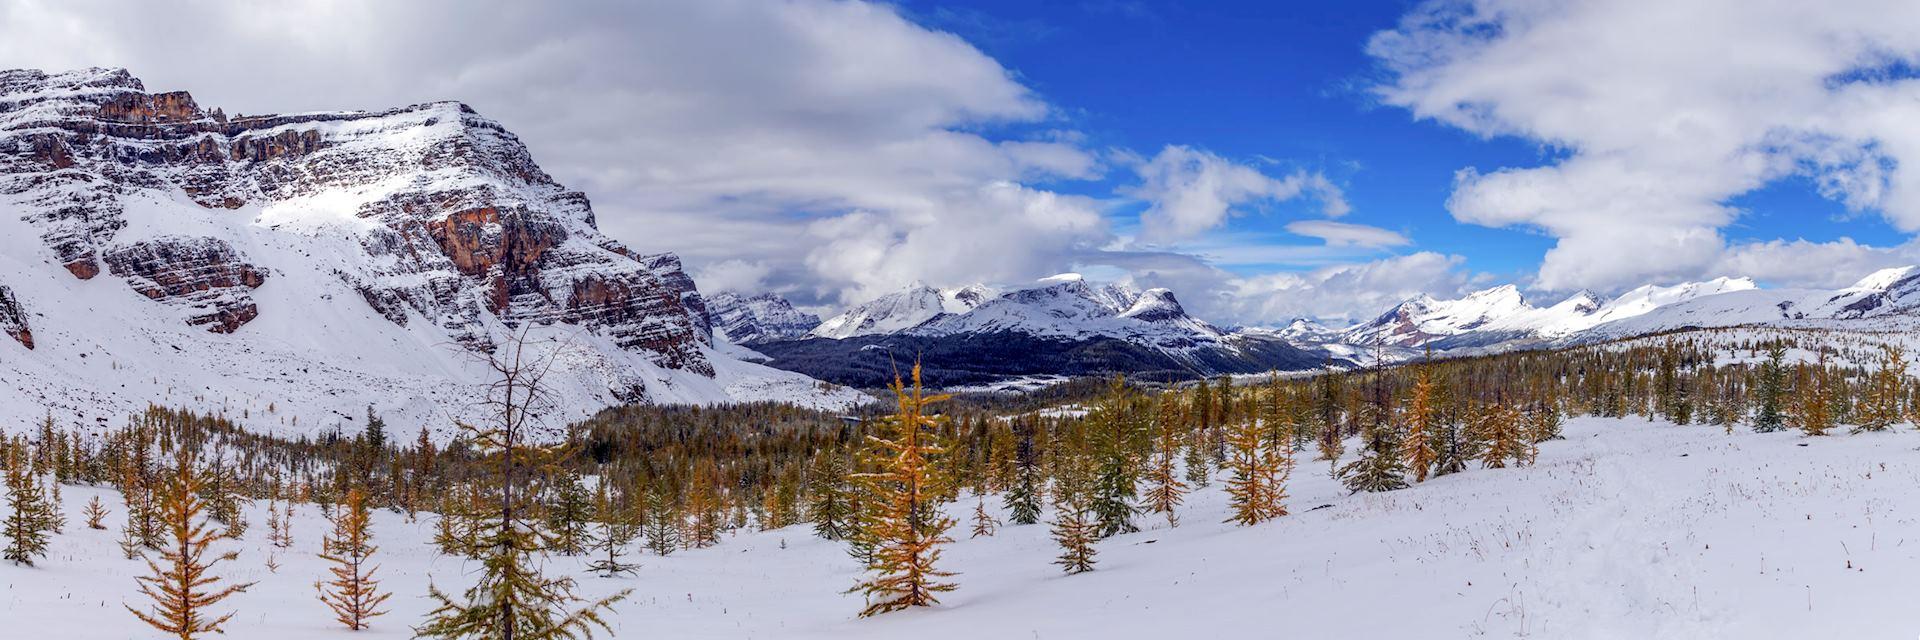 The Rockies near Jasper